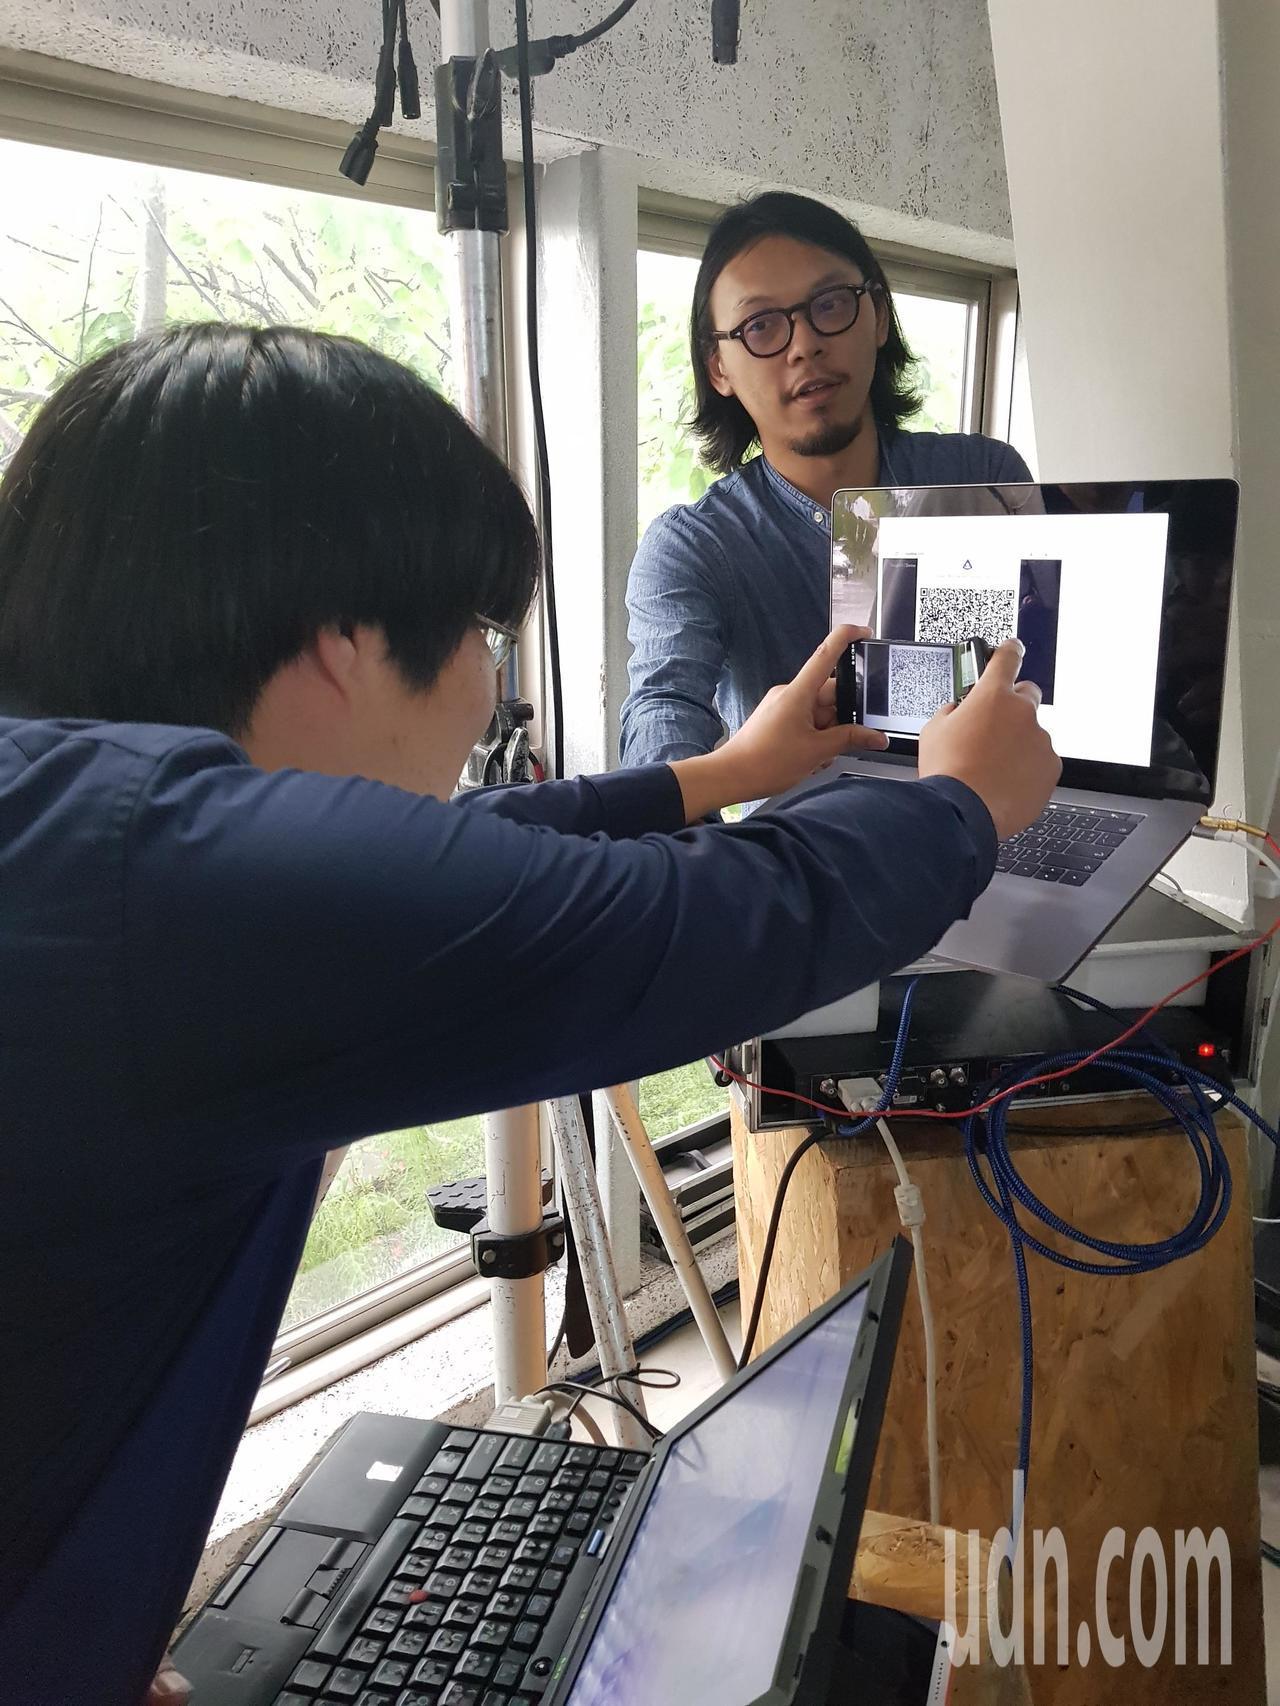 成大未來智慧工廠今天展示研發成果。記者修瑞瑩/攝影